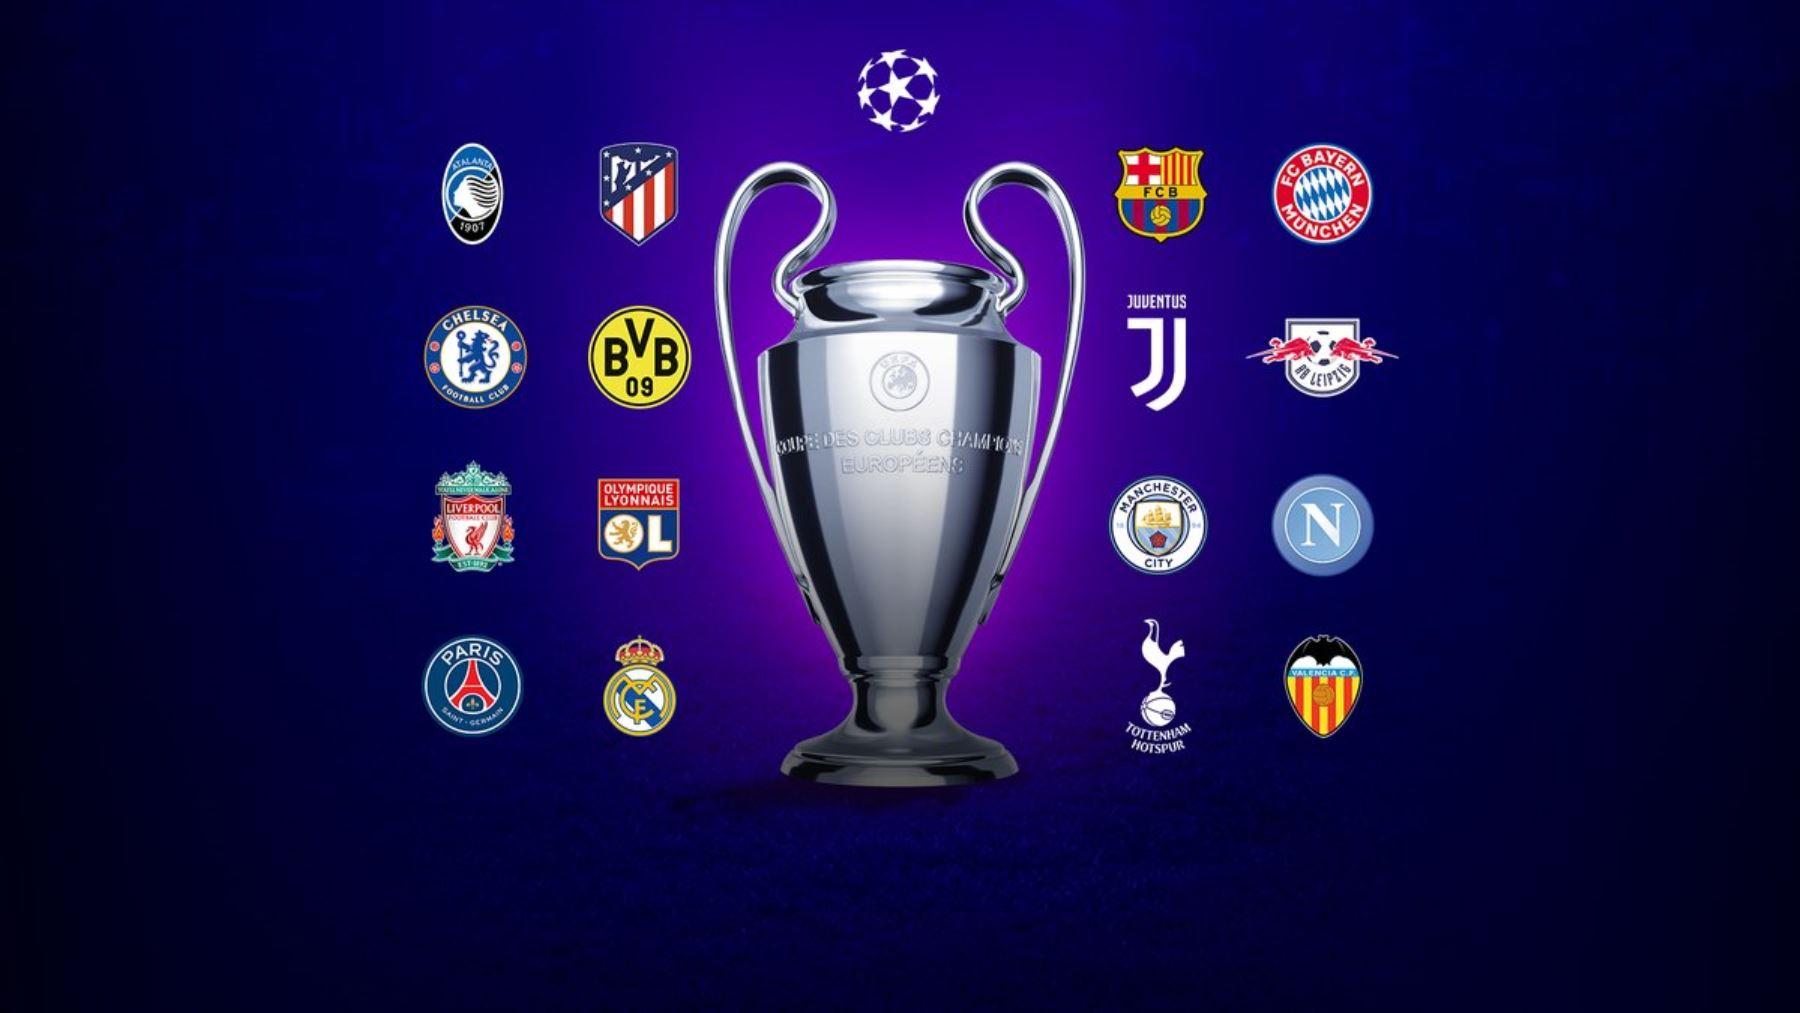 El sorteo de los octavos de final de la Liga de Campeones será el próximo lunes